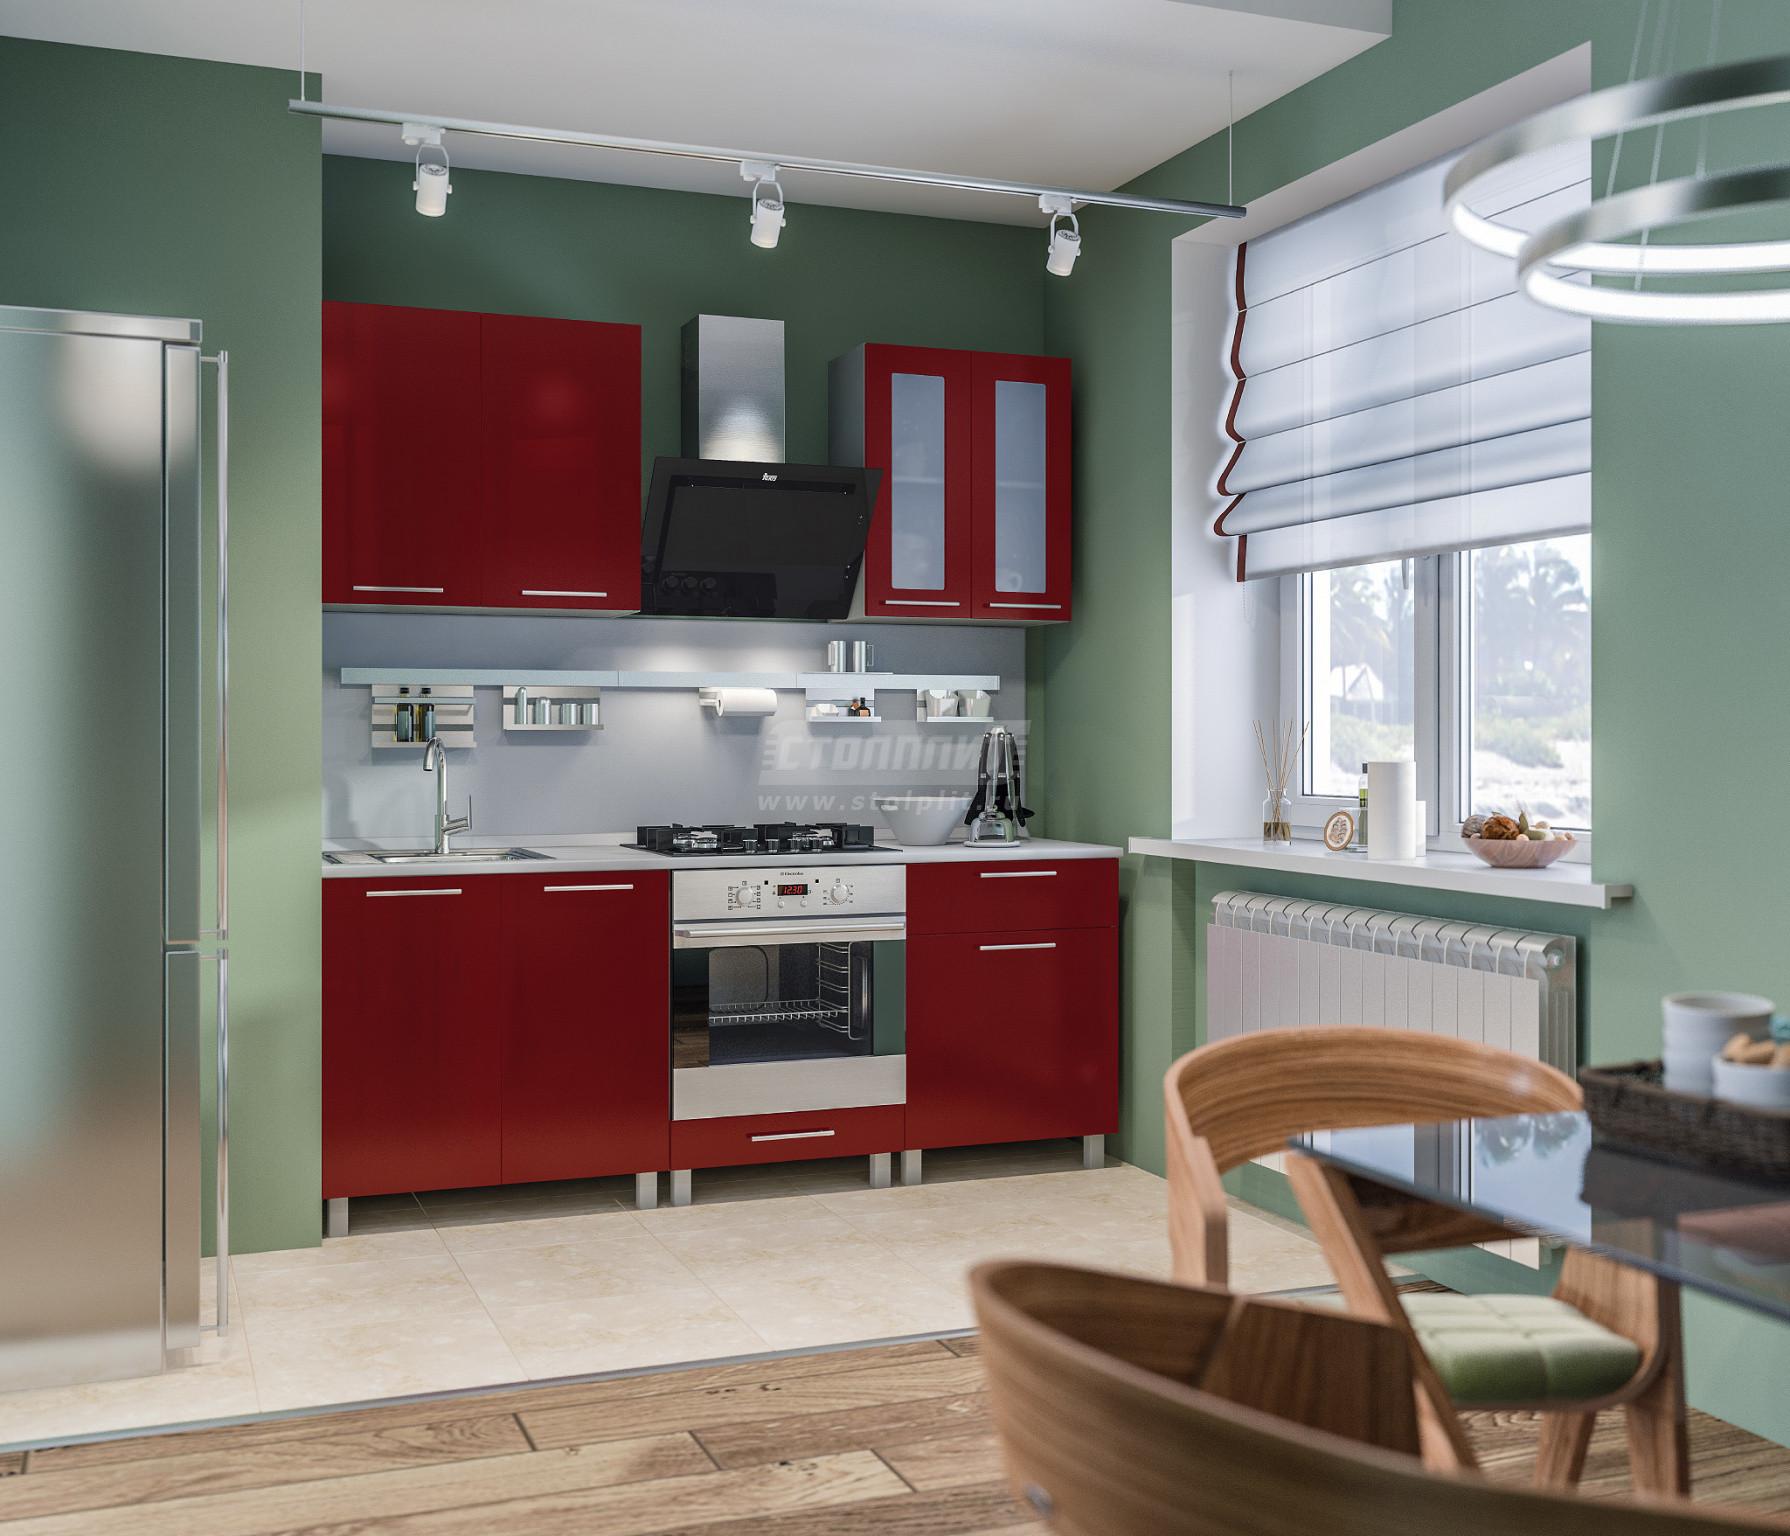 Кухня Столплит Анна L-2000 алюминий/рубин глянец 200x214x60 см